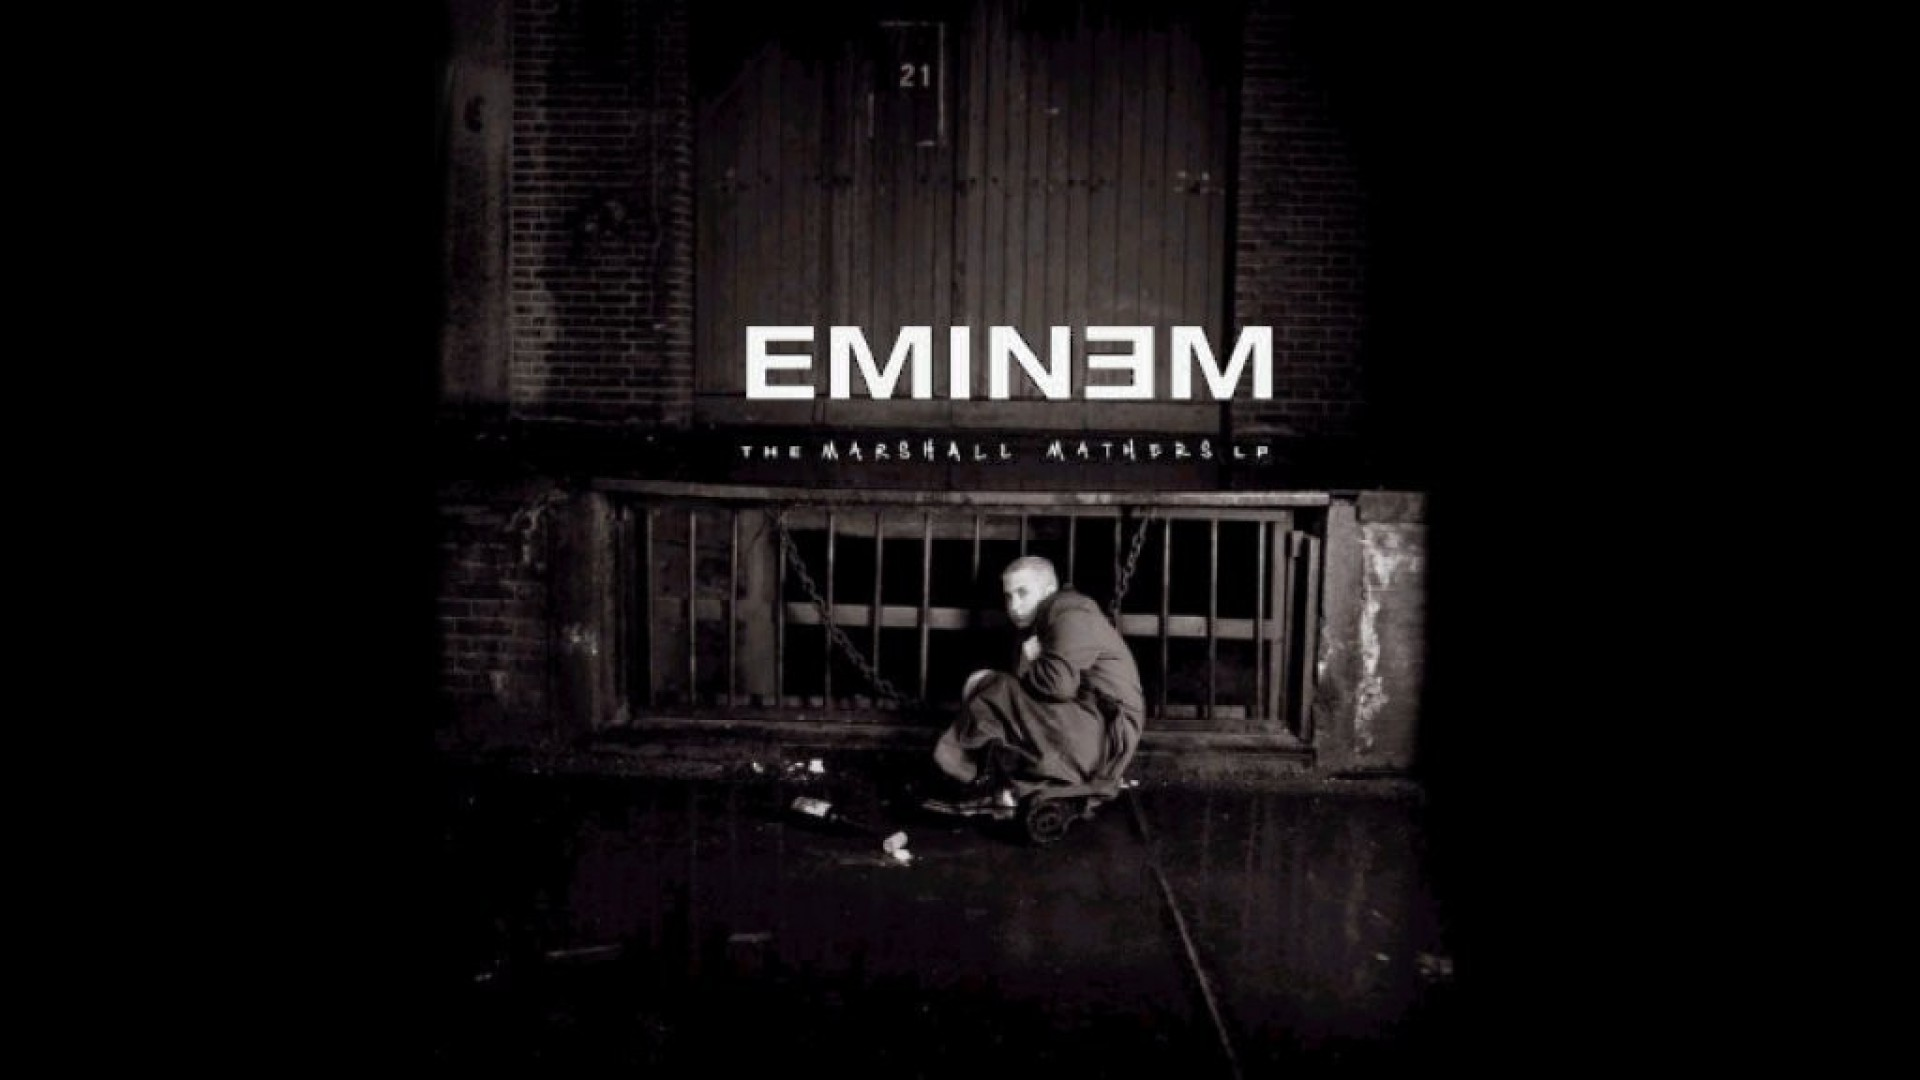 Eminem Wallpaper 2